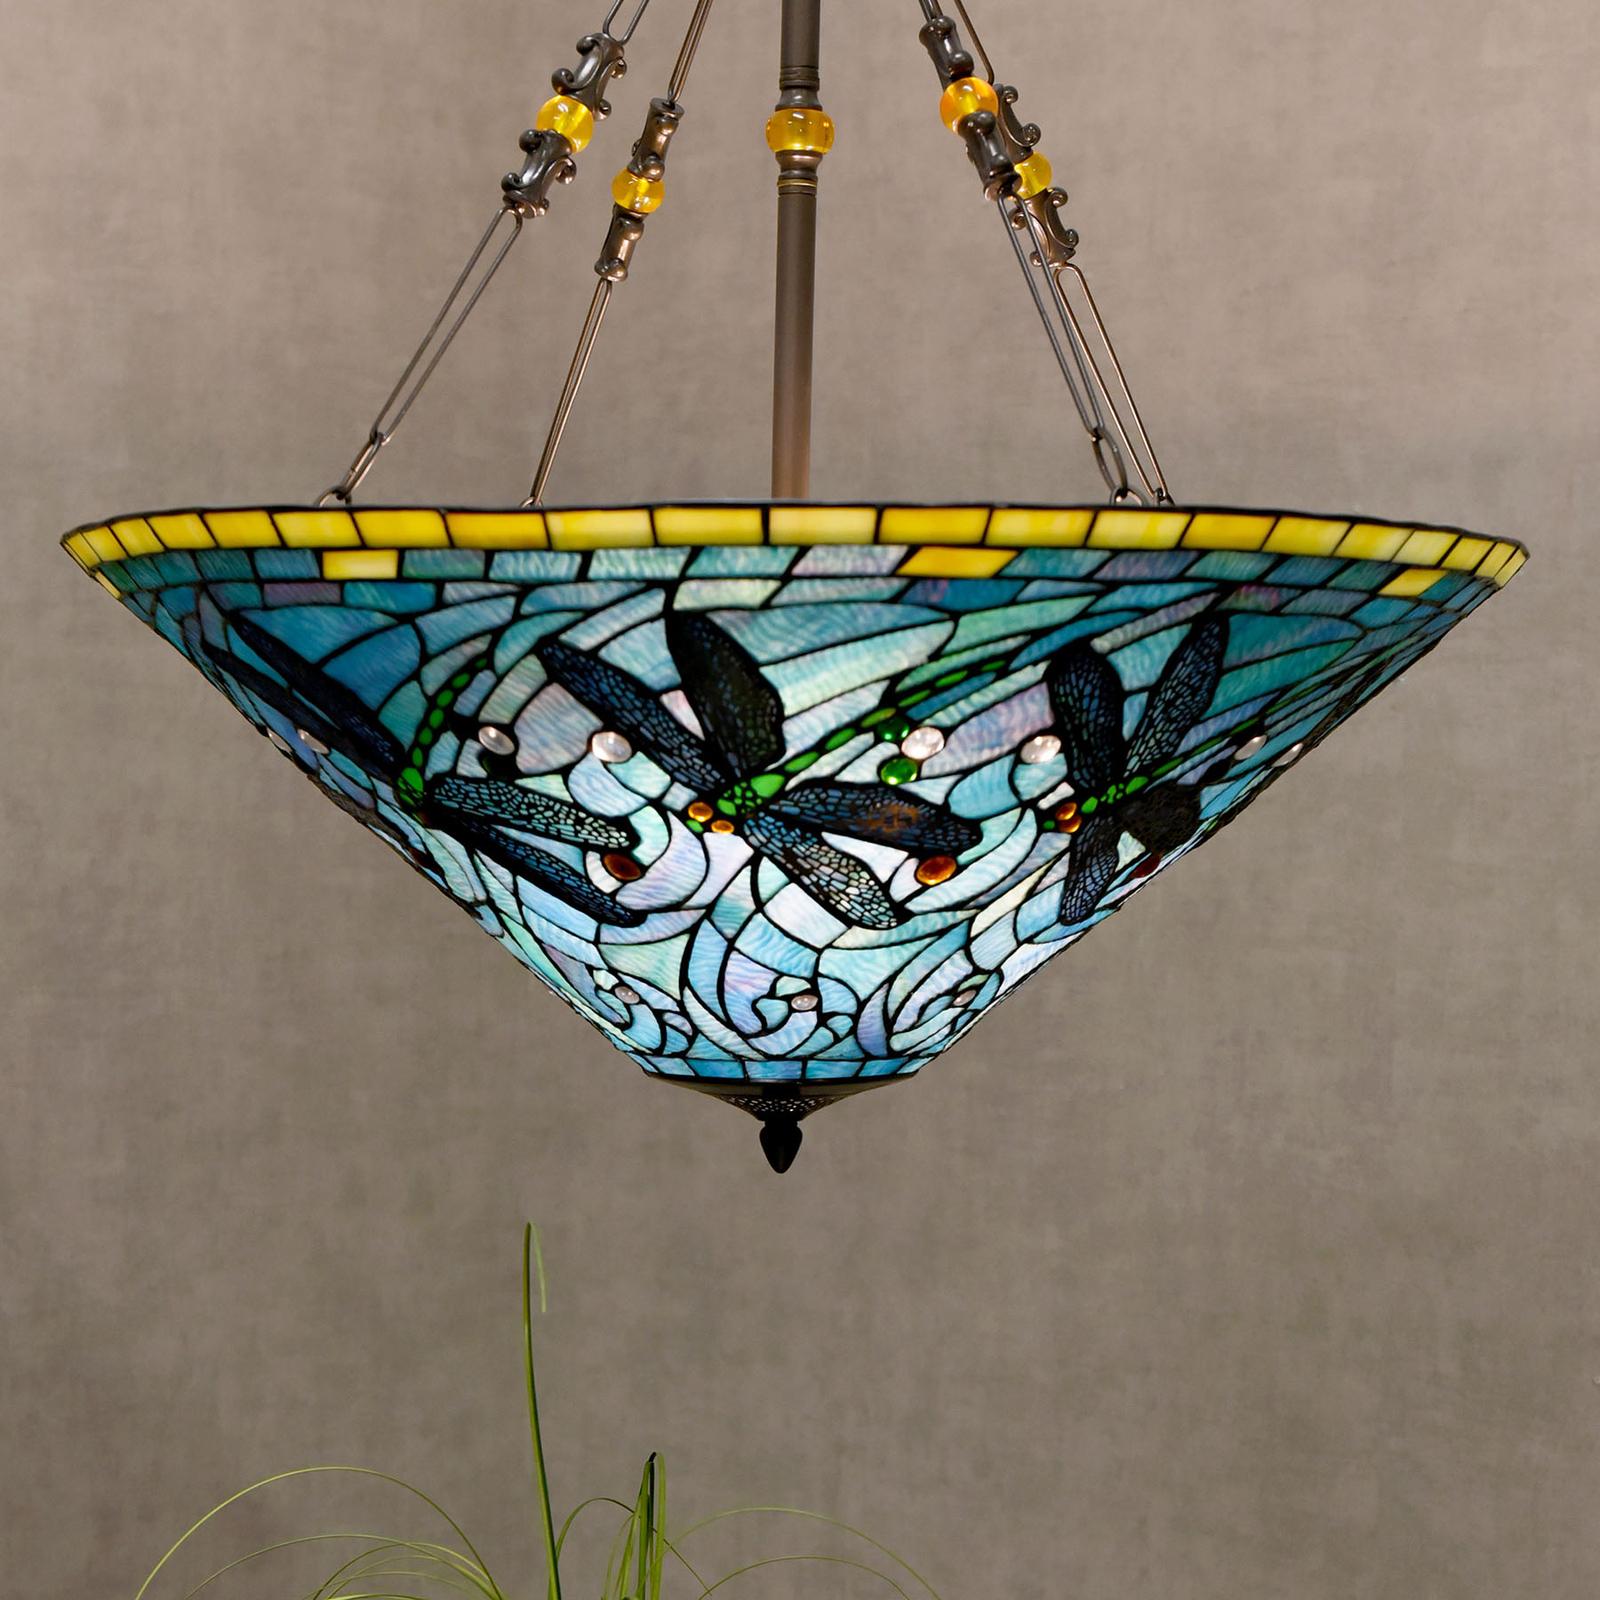 Lampa wisząca 5975, kolorowy styl Tiffany